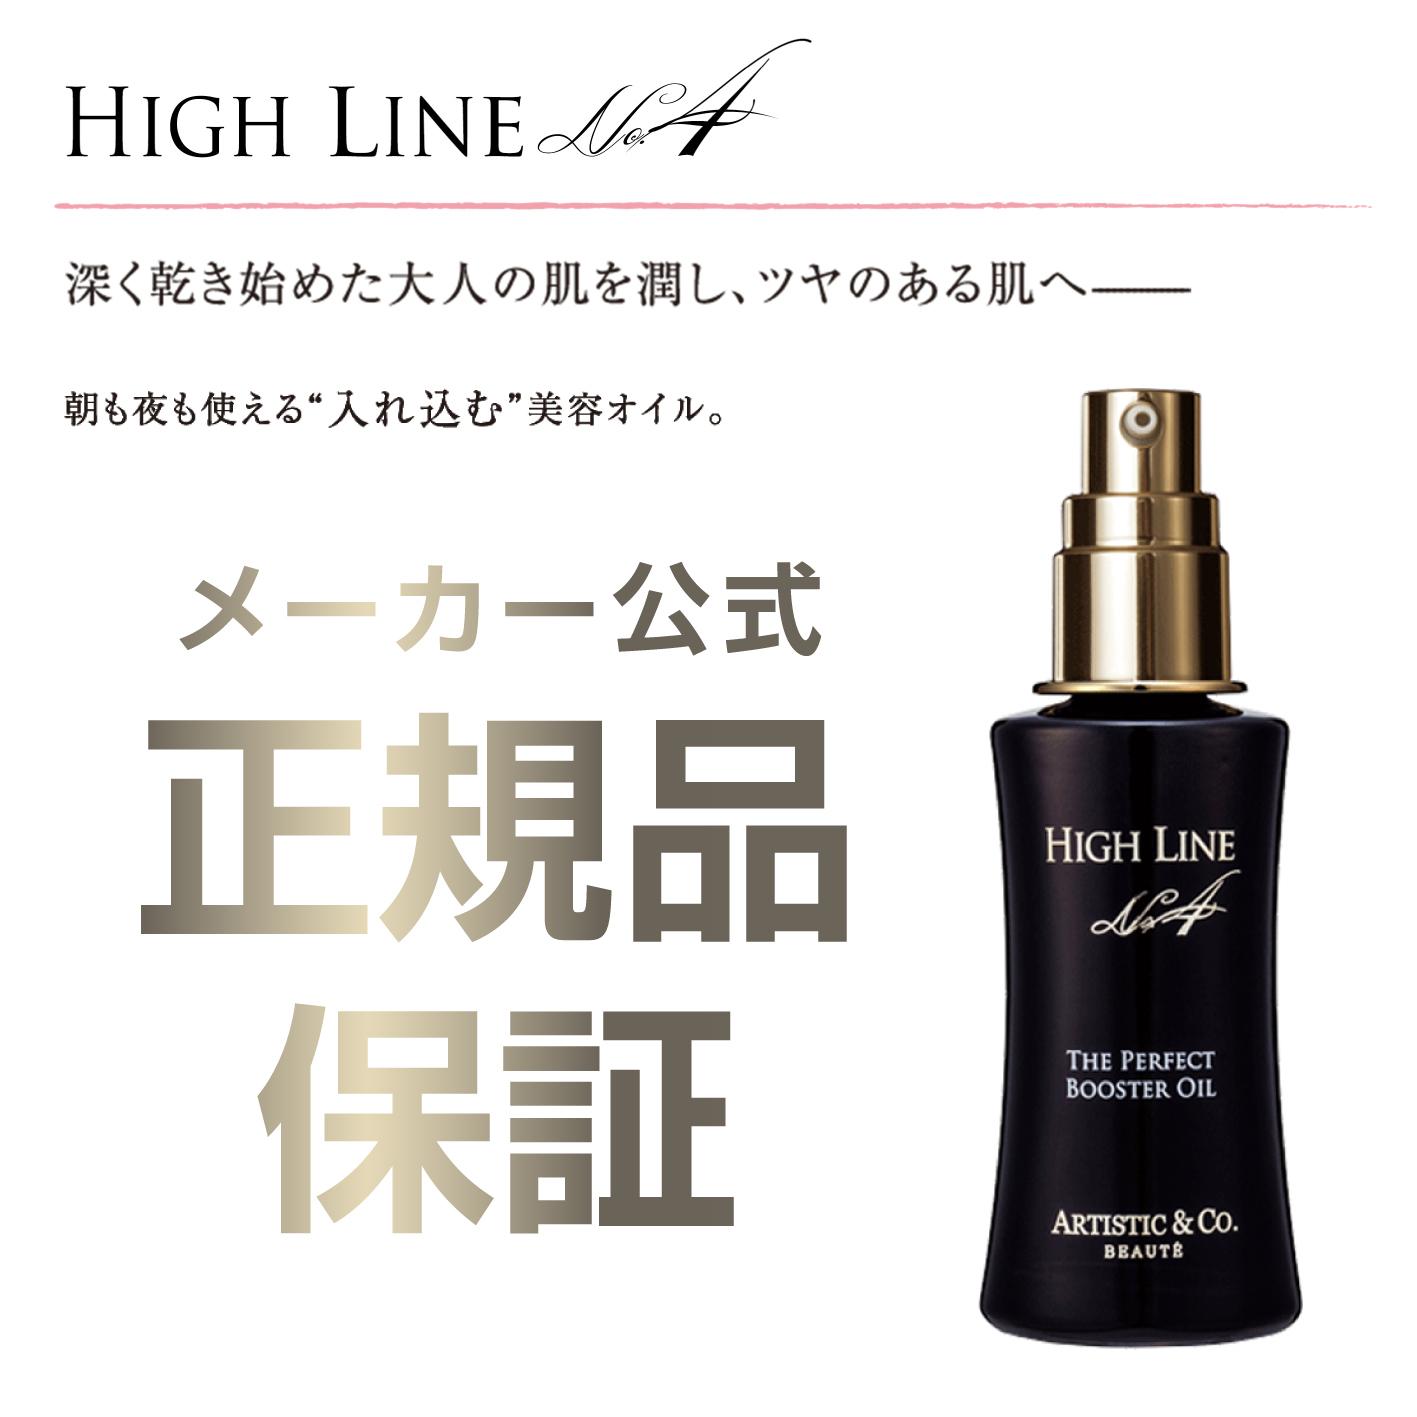 ハイライン No.4-30mL- 【化粧品 コスメ オイル マッサージオイル 保湿 角質 乾燥】